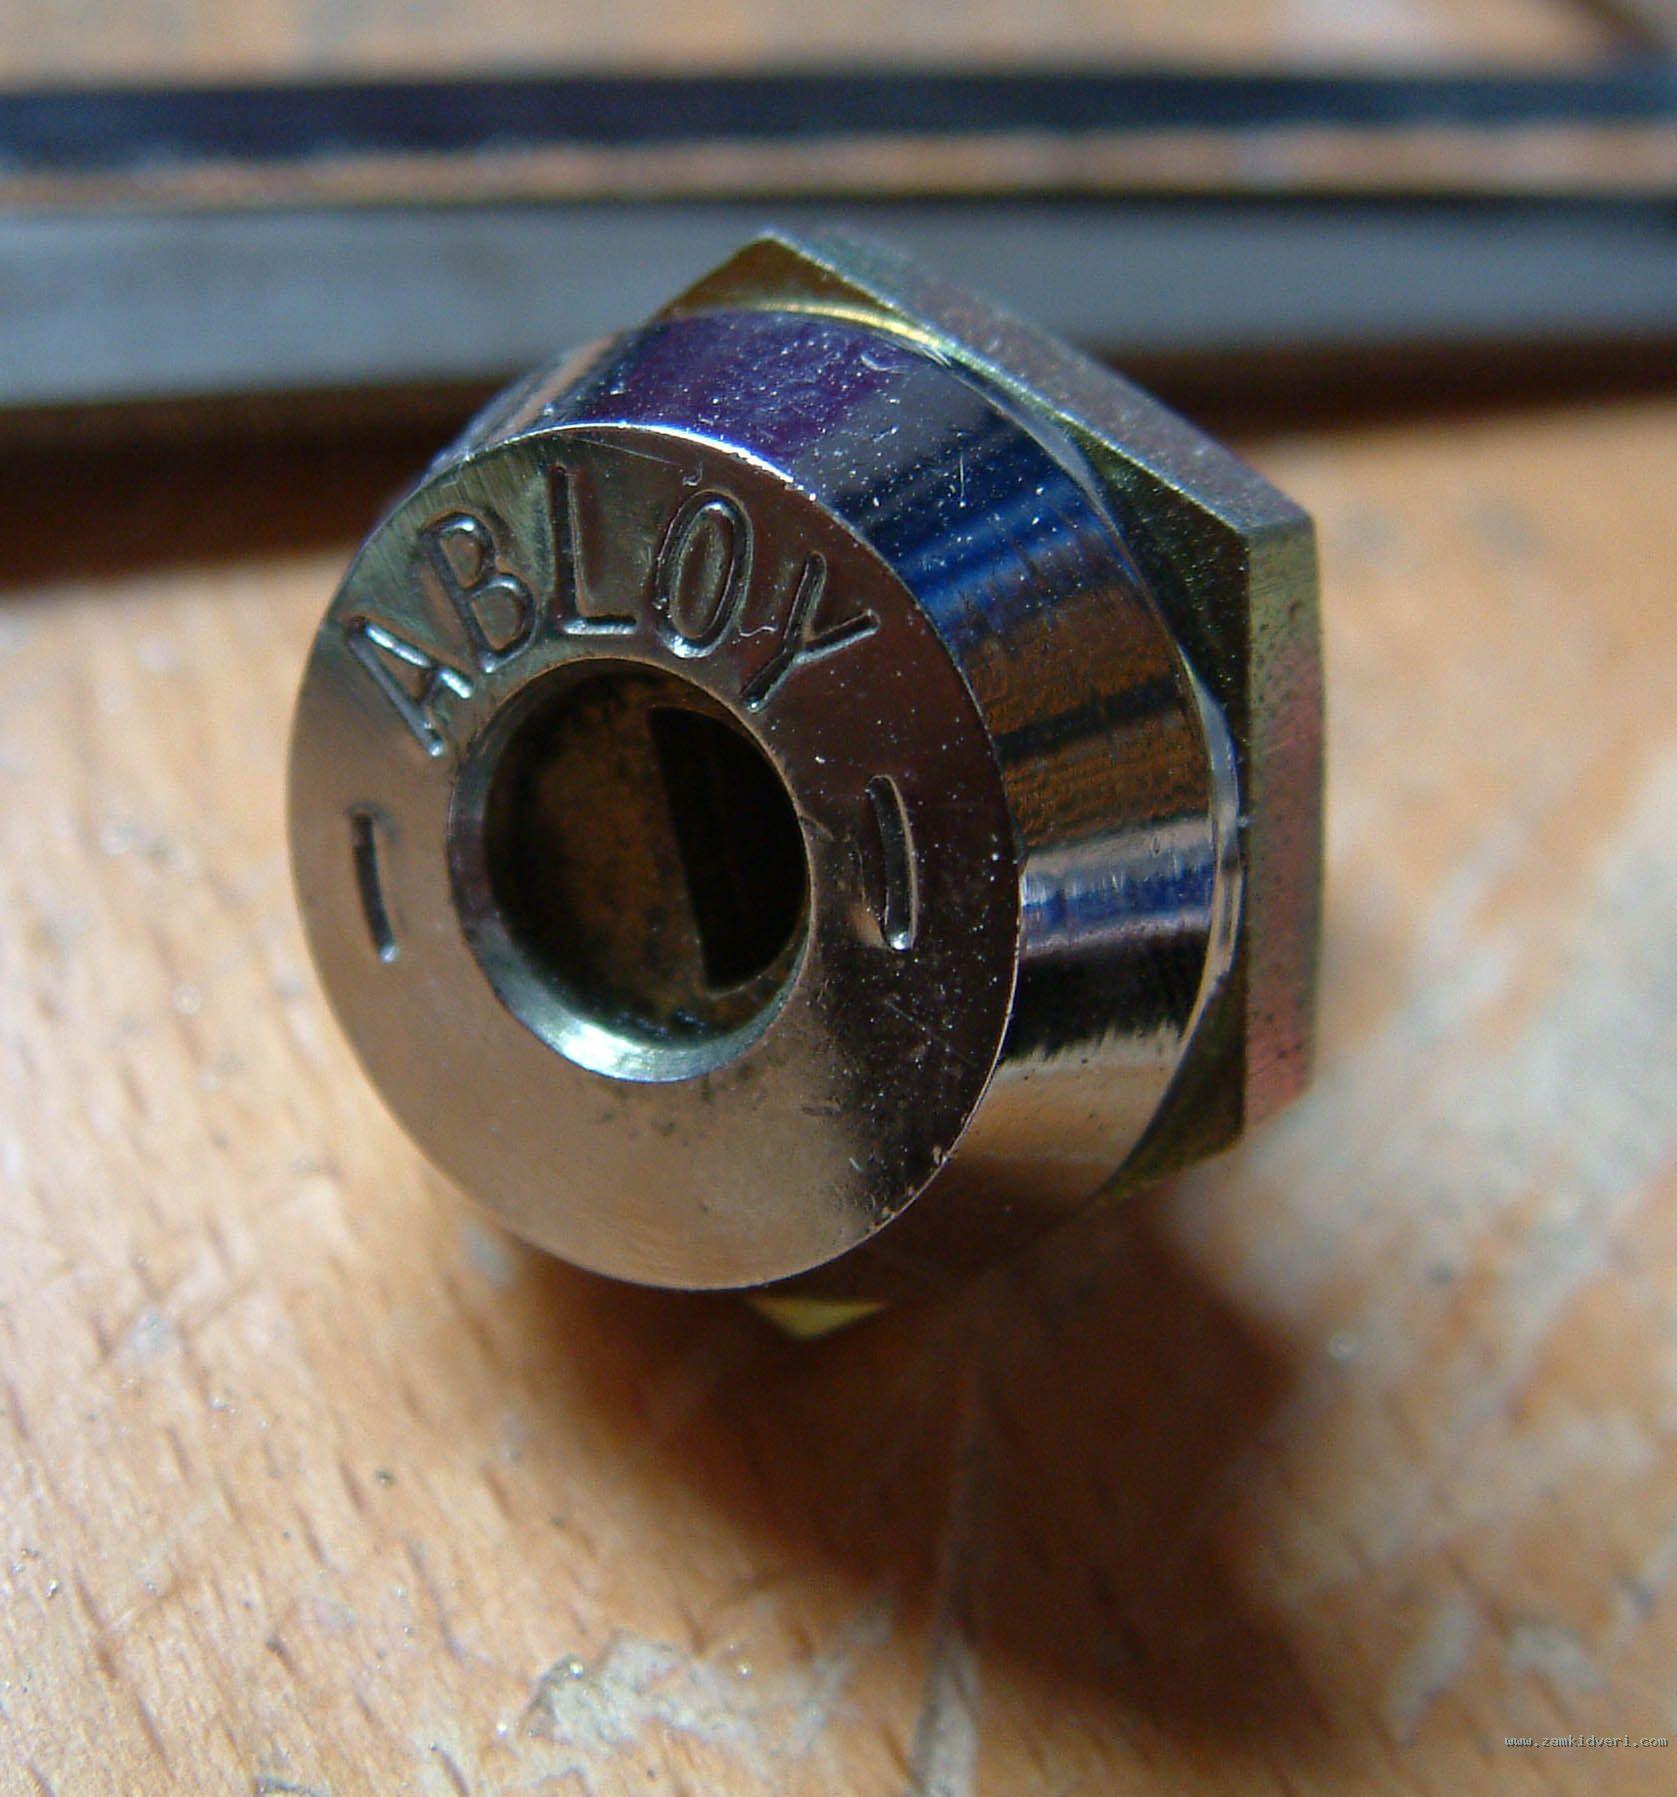 Нажмите на изображение для увеличения Название: abloy-camlock.jpg Просмотров: 7422 Размер:277.9 Кб ID:20510